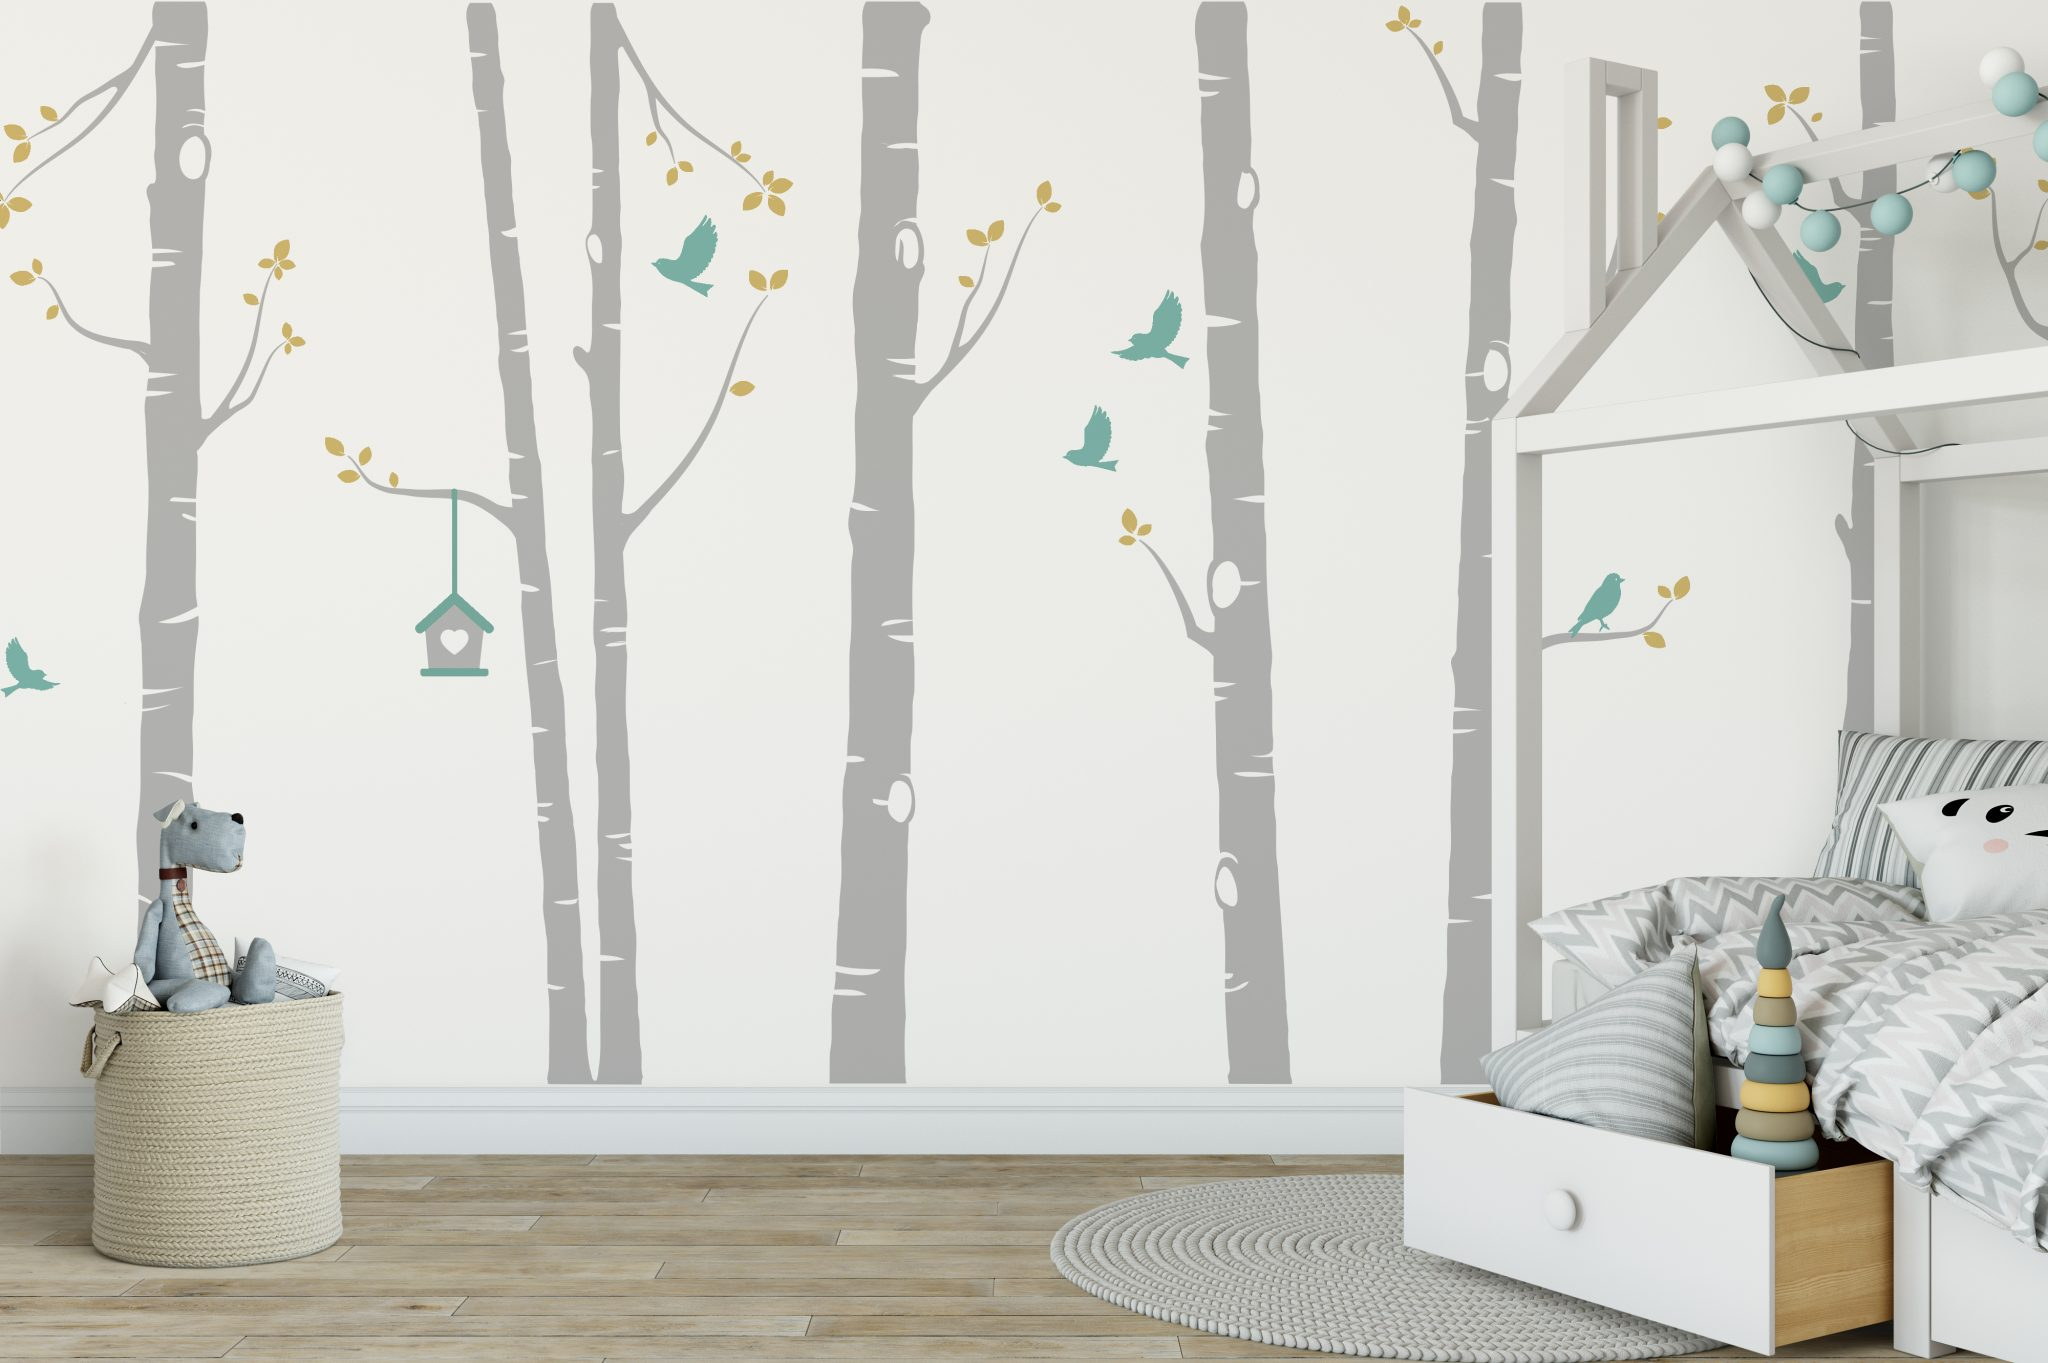 Birch Tree Wall Stickers Birch Tree With Birds And Bird